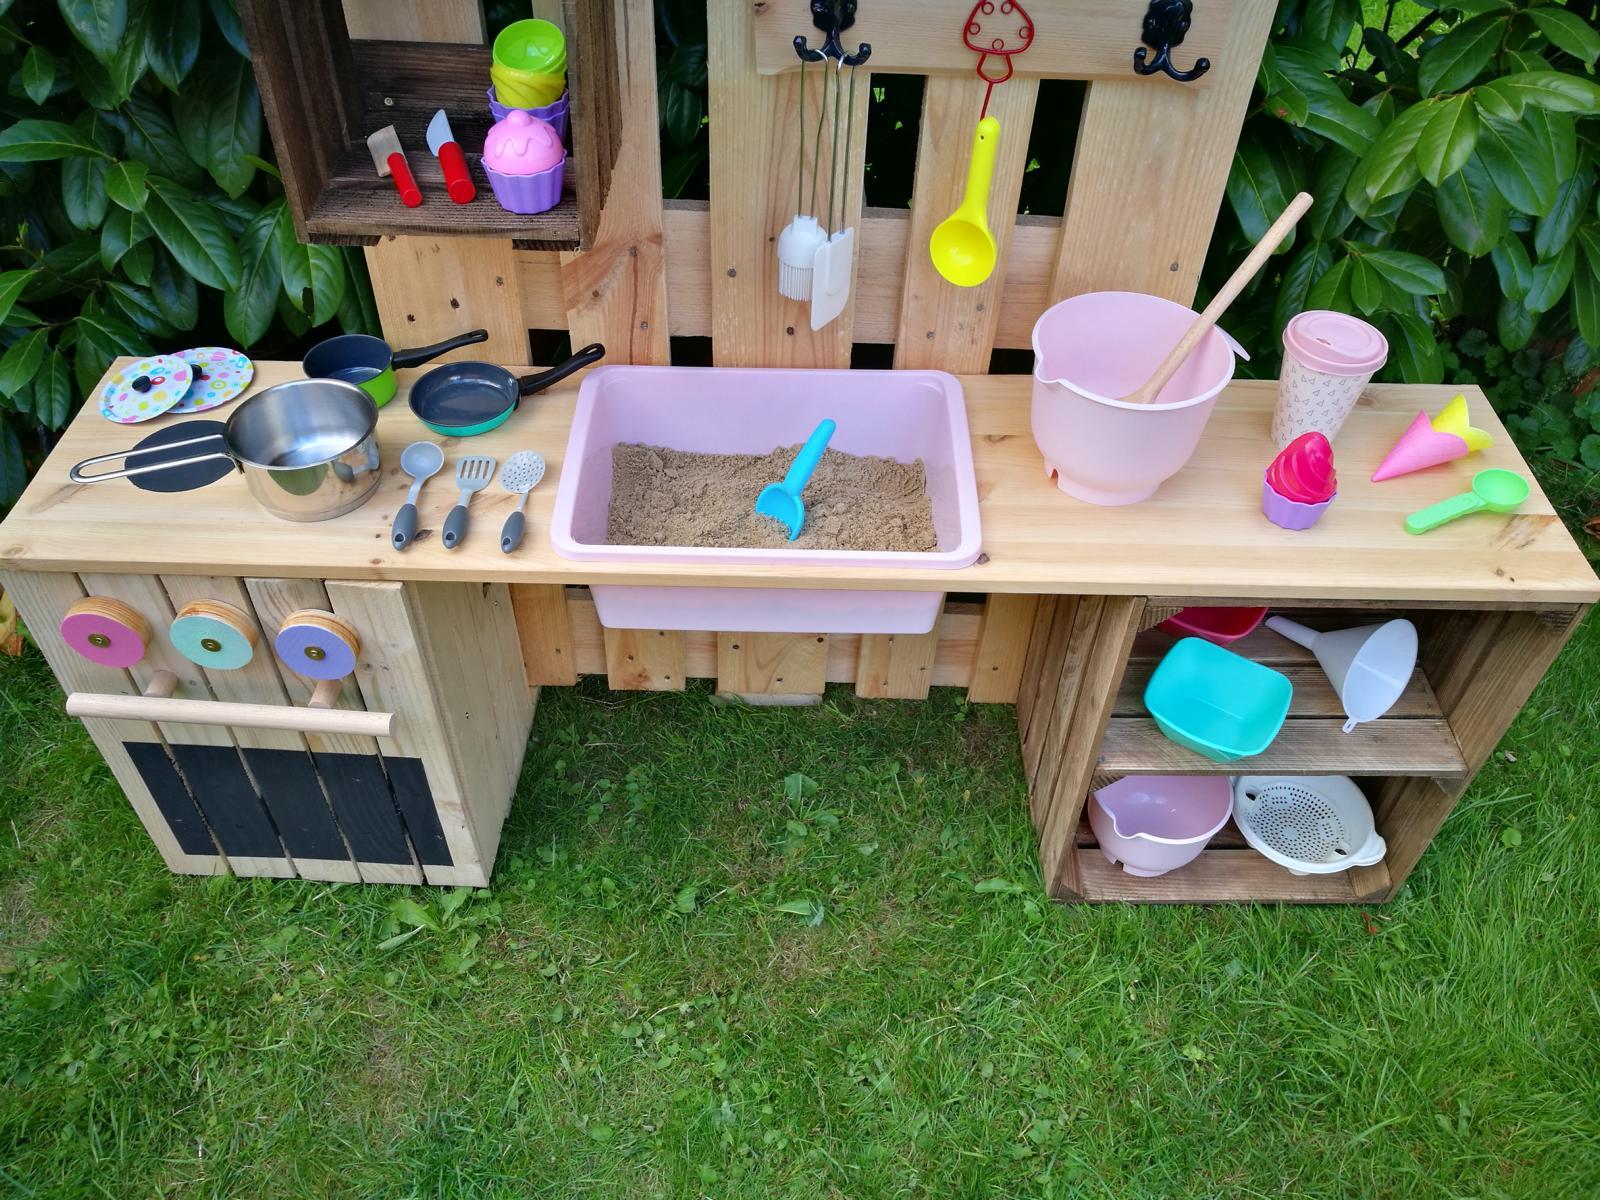 Outdoor Küche Für Kinder Selber Machen : ᐅ matschküche selber bauen aus paletten obstkisten kinderküche